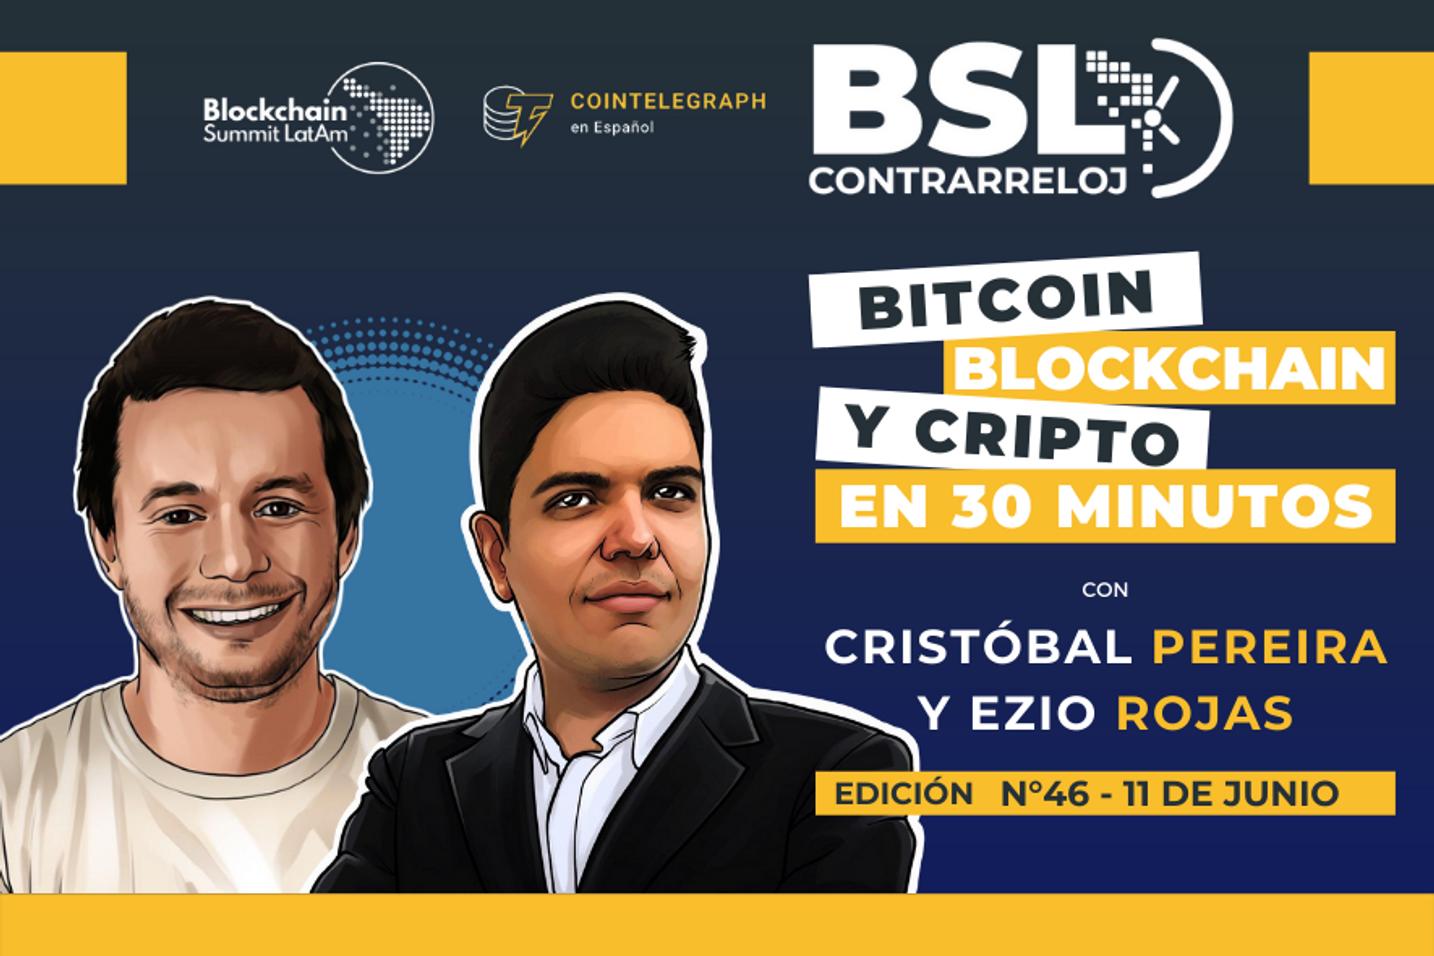 Bitcoin en El Salvador y América Latina, ¿FBI hackeando a BTC?, Dólar en riesgo según Donald Trump y mucho más. Un resumen de las criptonoticias más importantes de la semana